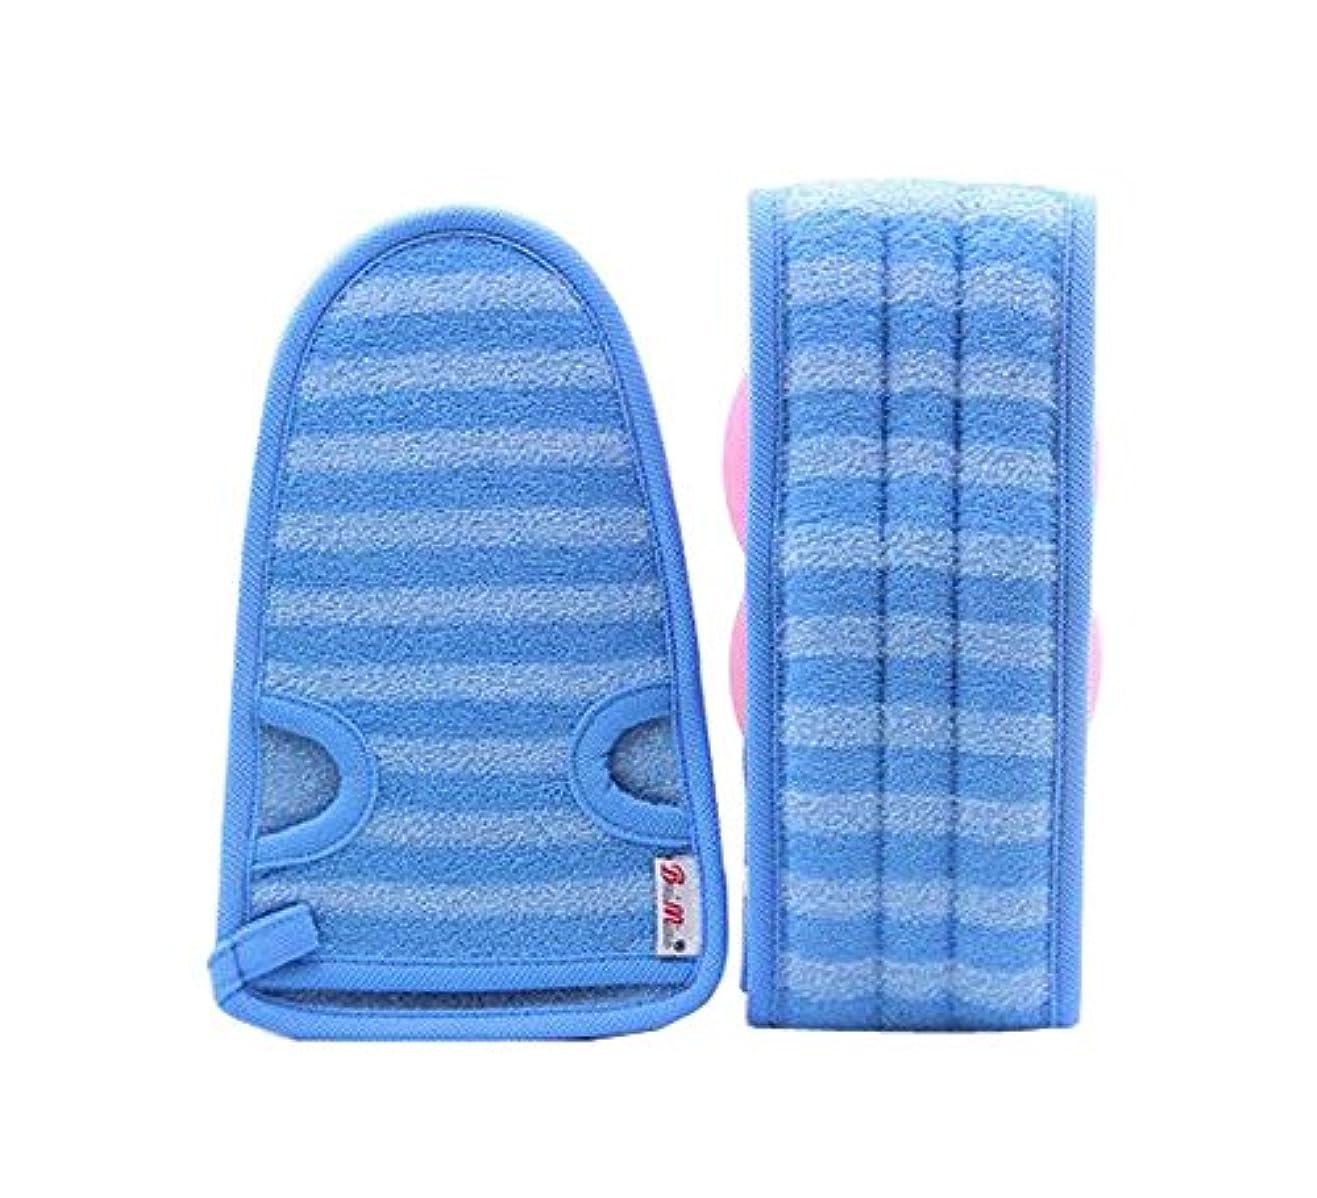 バラバラにするバングラデシュ乗算2つの柔らかいバスミットの剥離手袋バス用ベルト、青